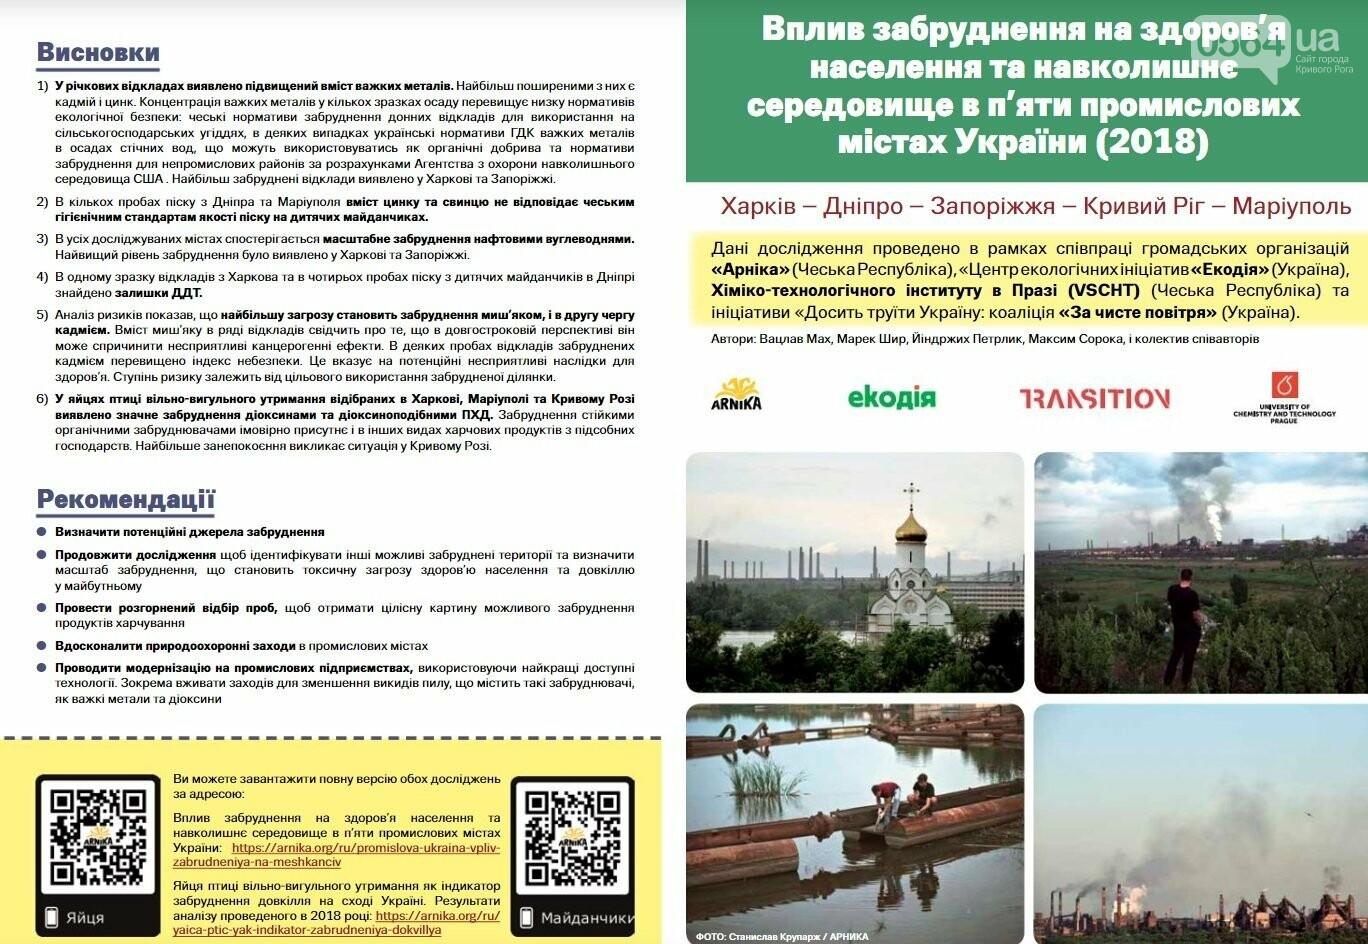 В Кривом Роге презентовали результаты исследований международной команды экологов, - ФОТО, ВИДЕО, фото-1